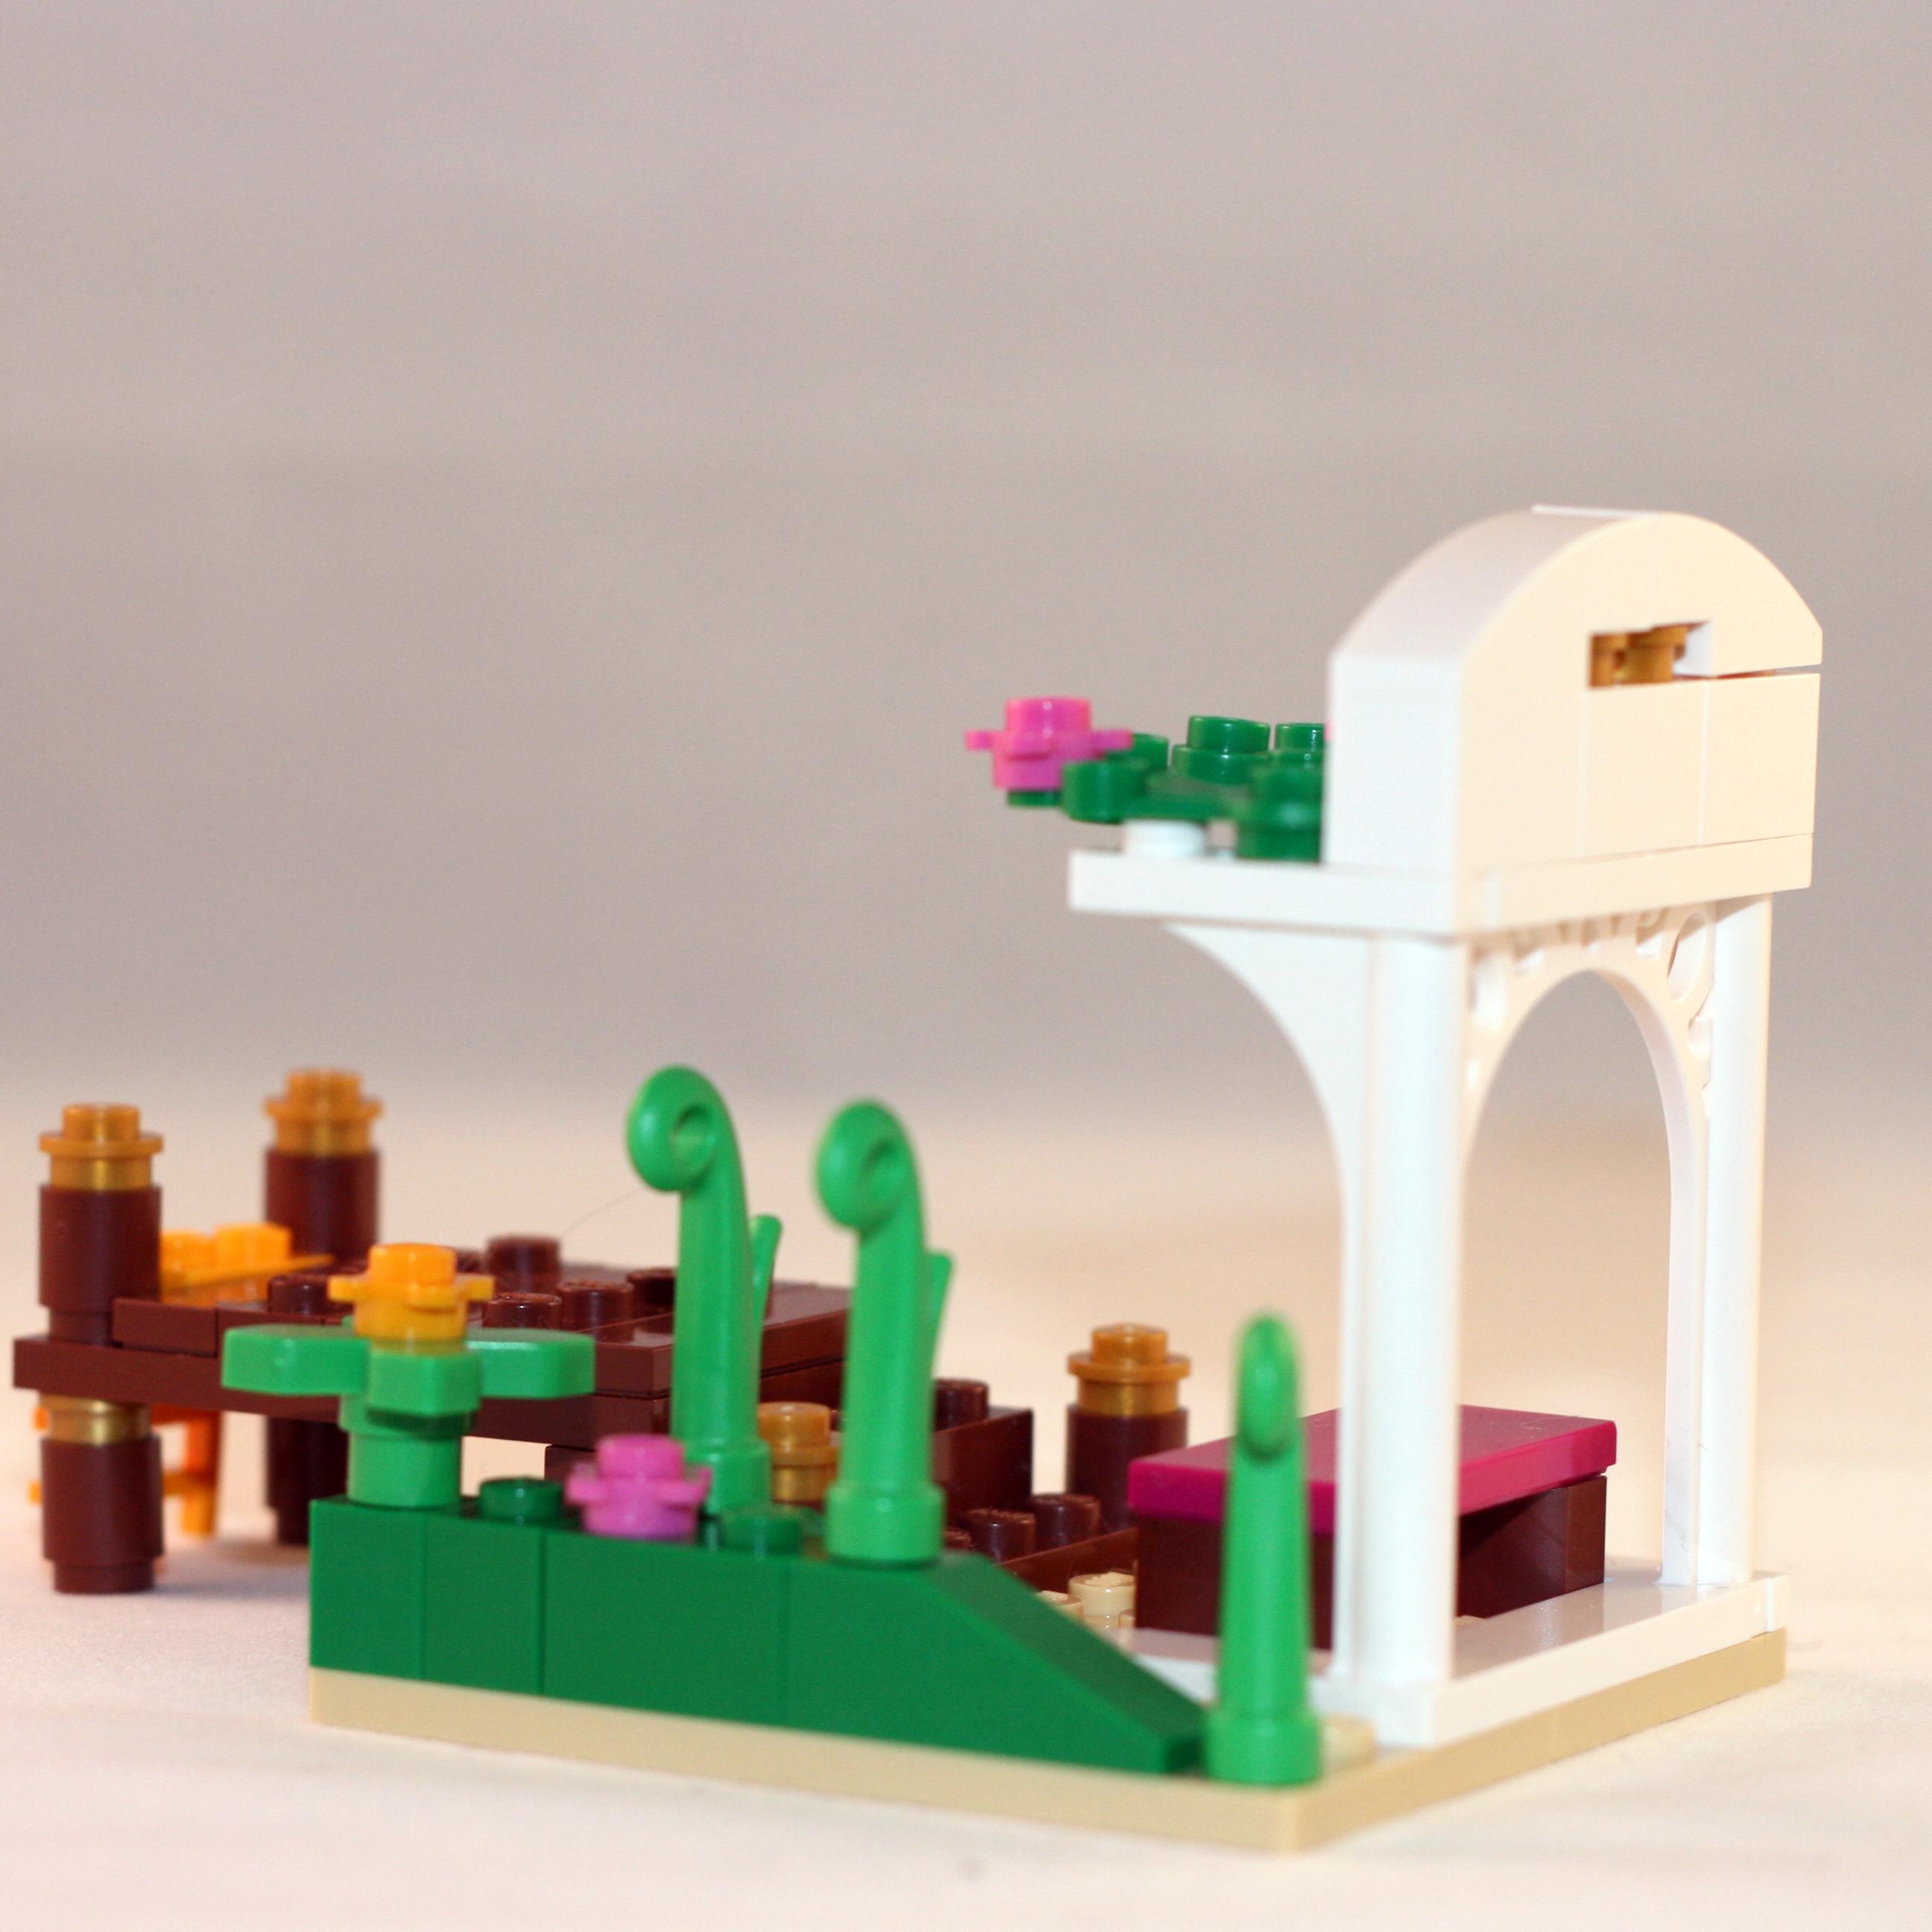 LEGO_Ariel_Dock_1